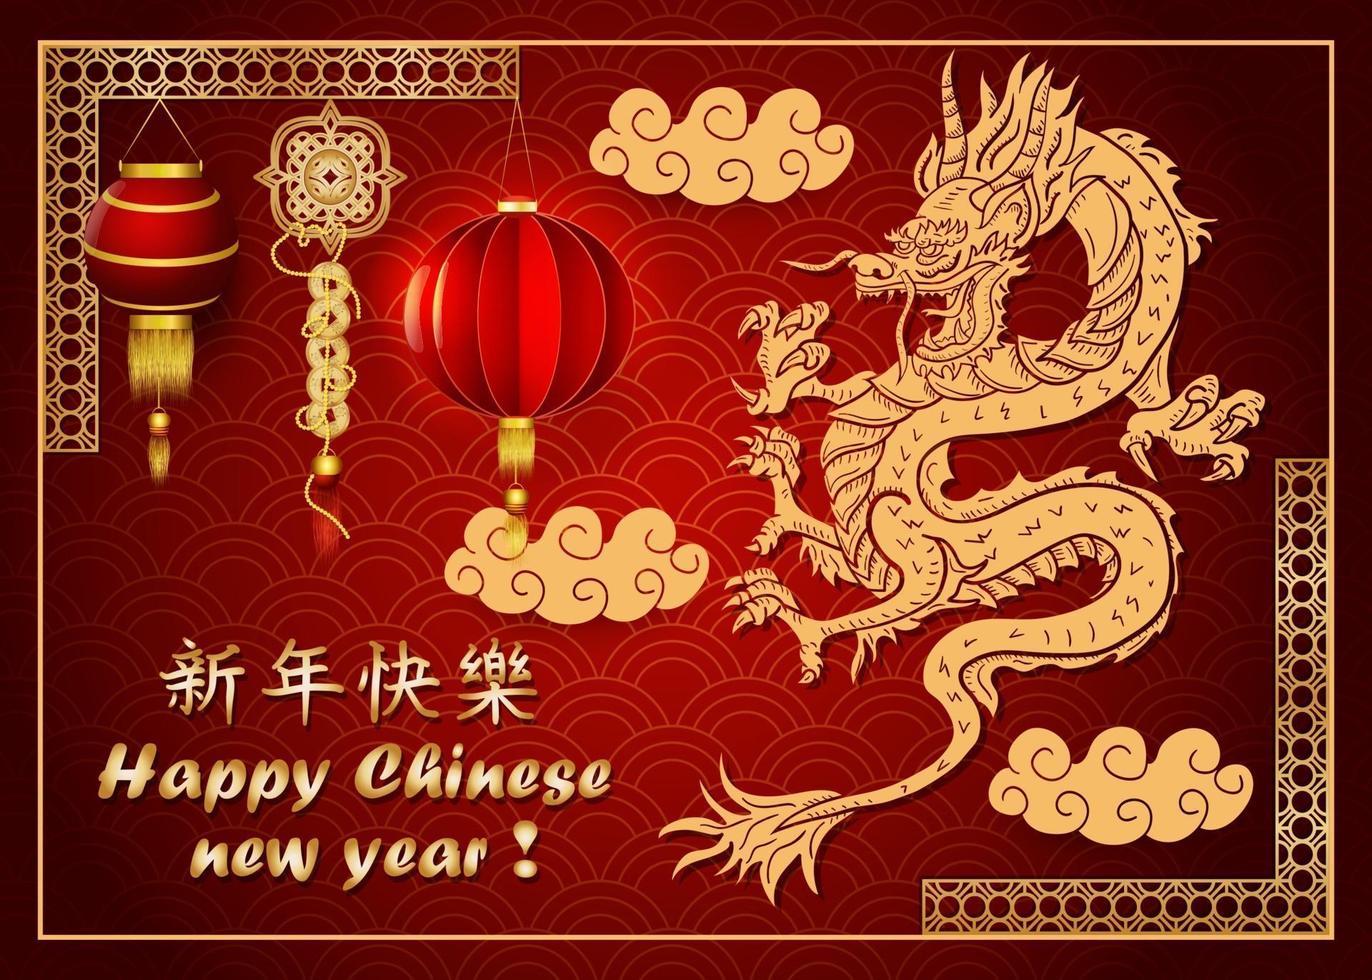 röda och guldfärger kinesiskt nyår snidad asiatisk drakedesign vektor